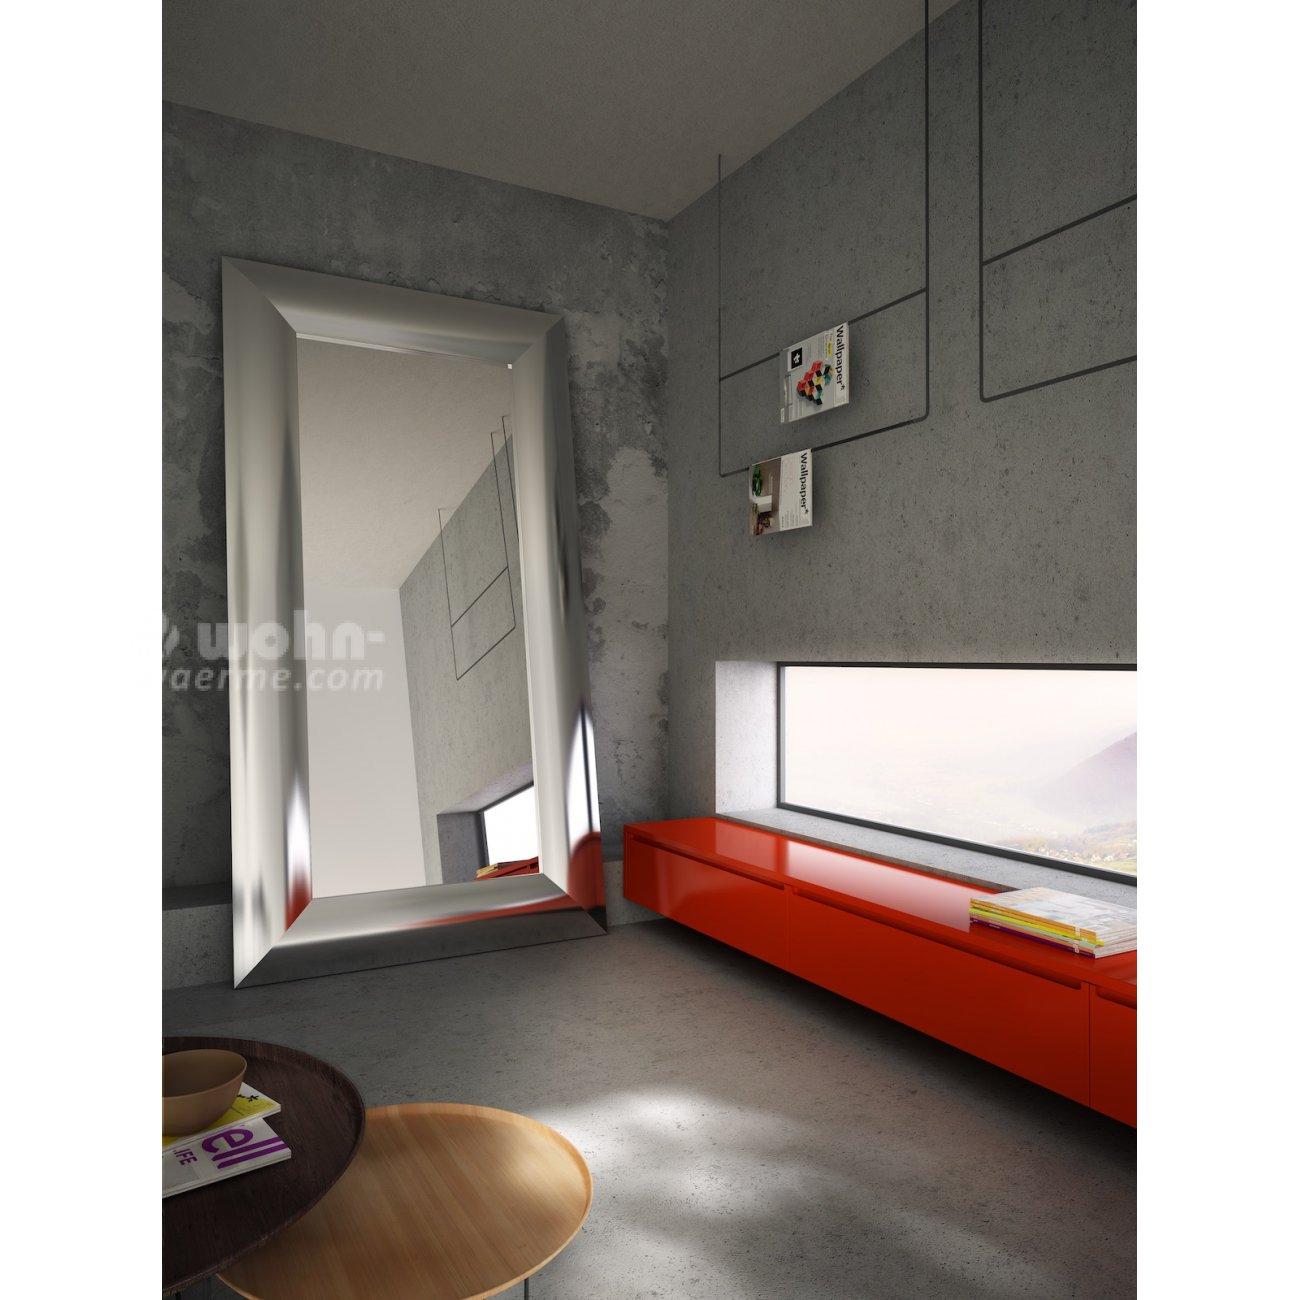 ad hoc mirror spiegel heizk rper mit alurahmen. Black Bedroom Furniture Sets. Home Design Ideas